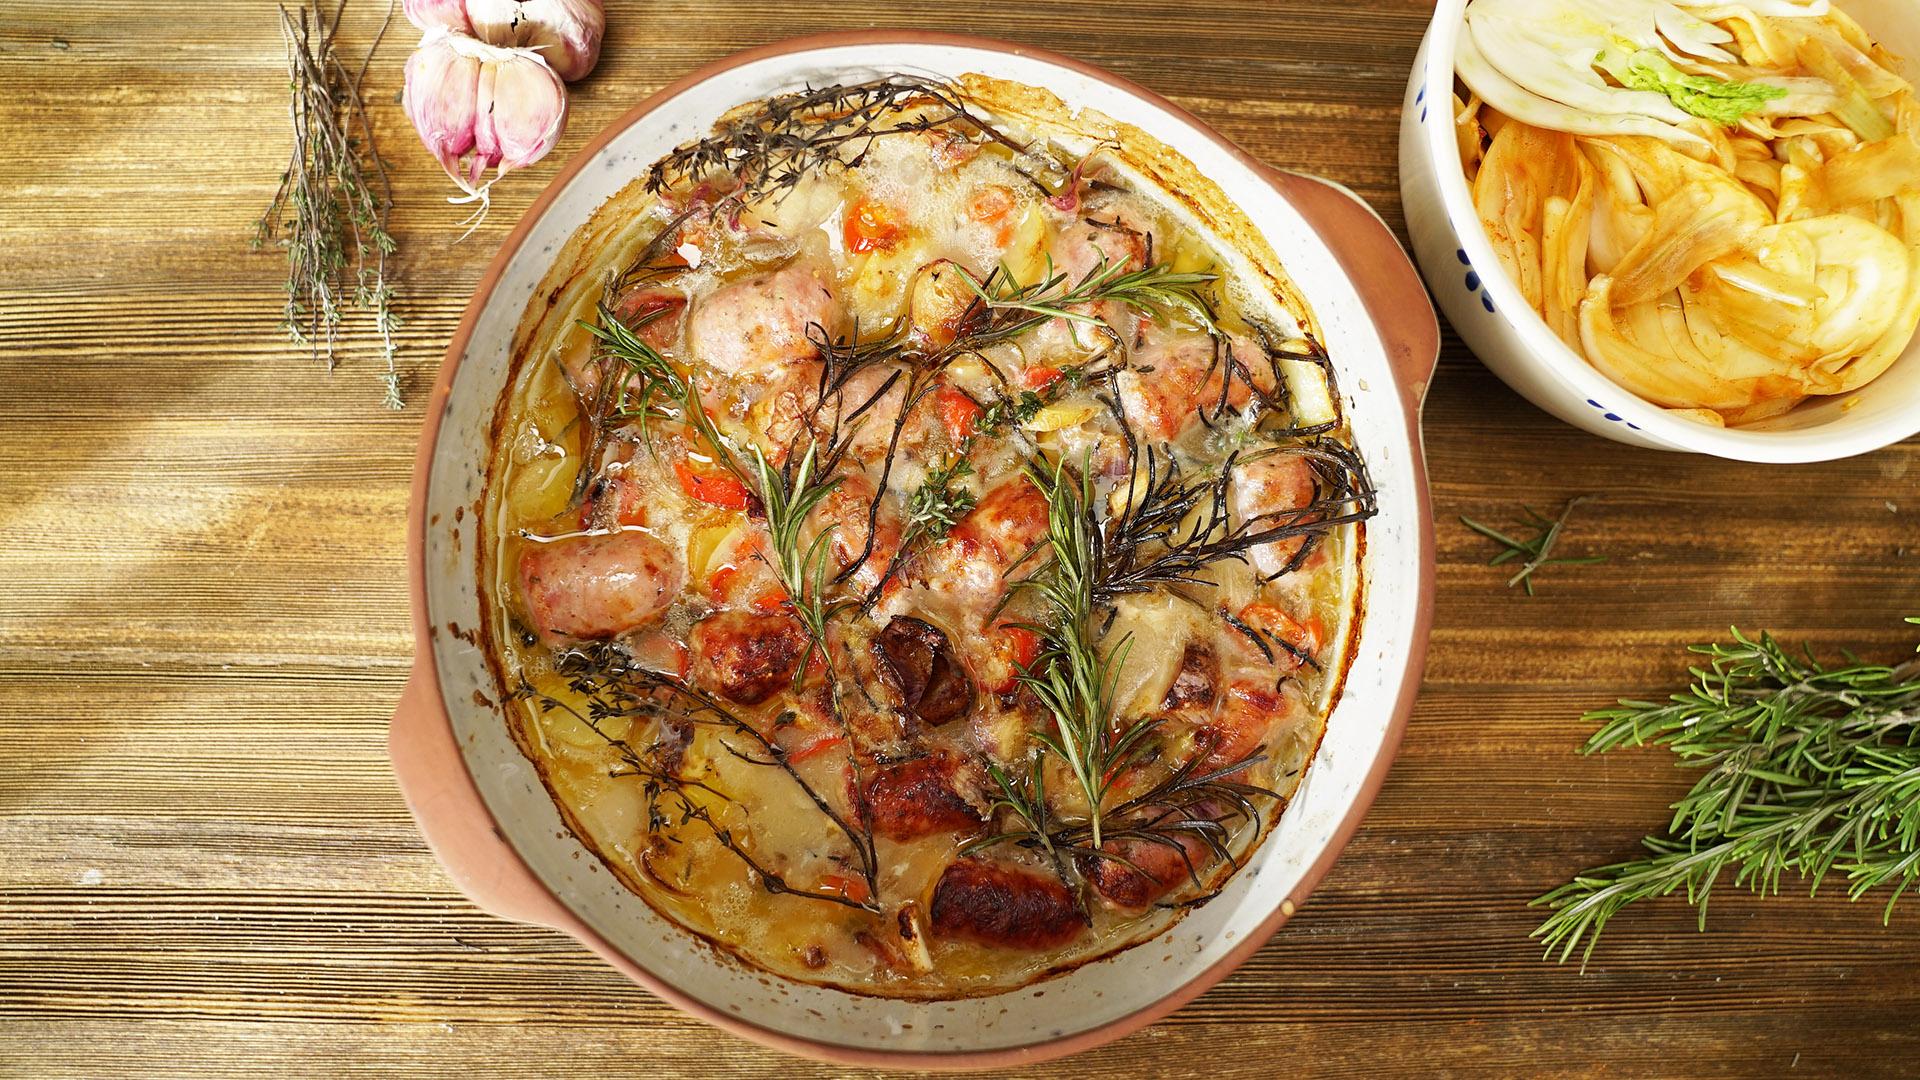 Biała kiełbasa pieczona w zakwasie na żur na ostro i sałatka z marynowanego kopru włoskiego